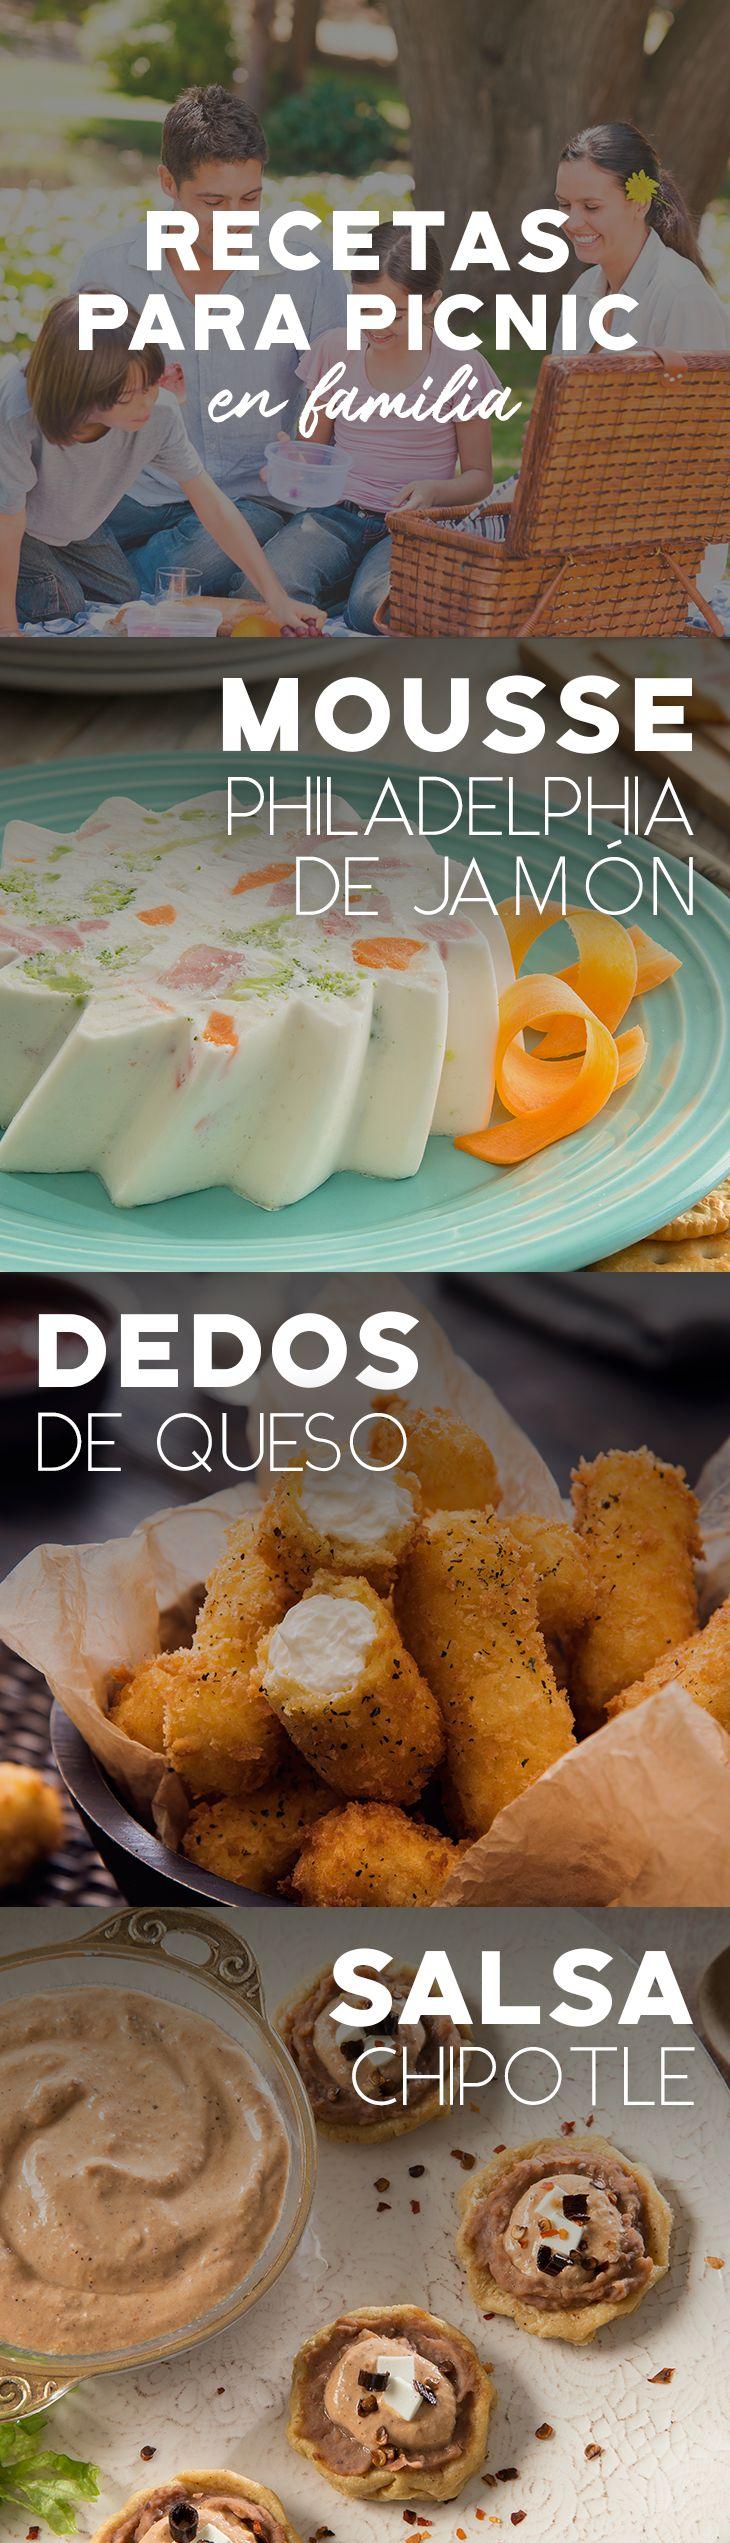 Olvídate del trabajo y disfruta de un picnic en familia con estas recetas.   #recetas #receta #quesophiladelphia #philadelphia #crema #quesocrema #queso #comida #cocinar #cocinamexicana #recetasfáciles #picnic #recetaspicnic #picnicenfamilia #mousse #dedosdequeso #chipotle #salsa #jamón